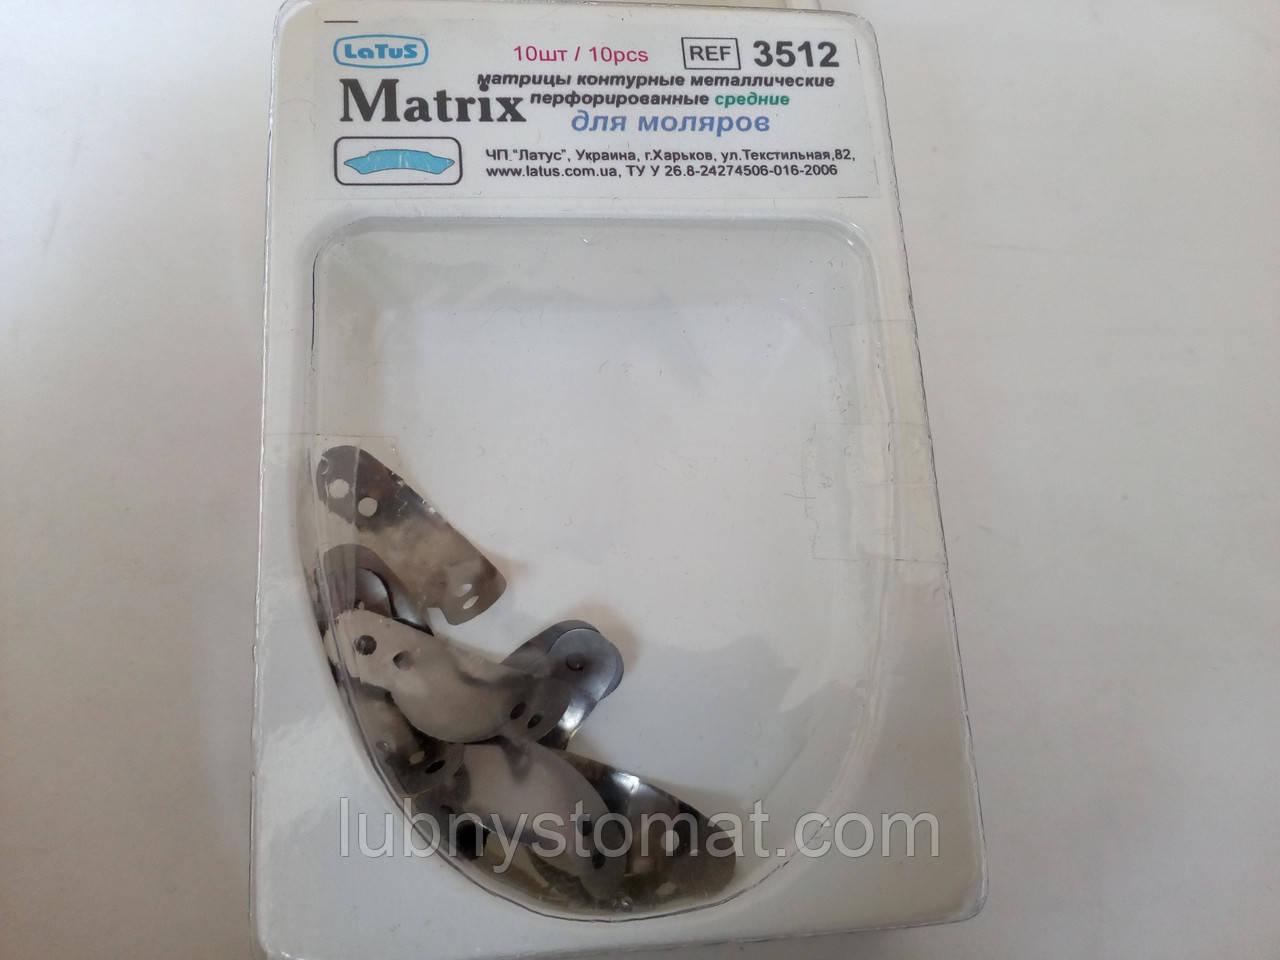 Матрицы контурные металические перфорированые средние для моляров 3512